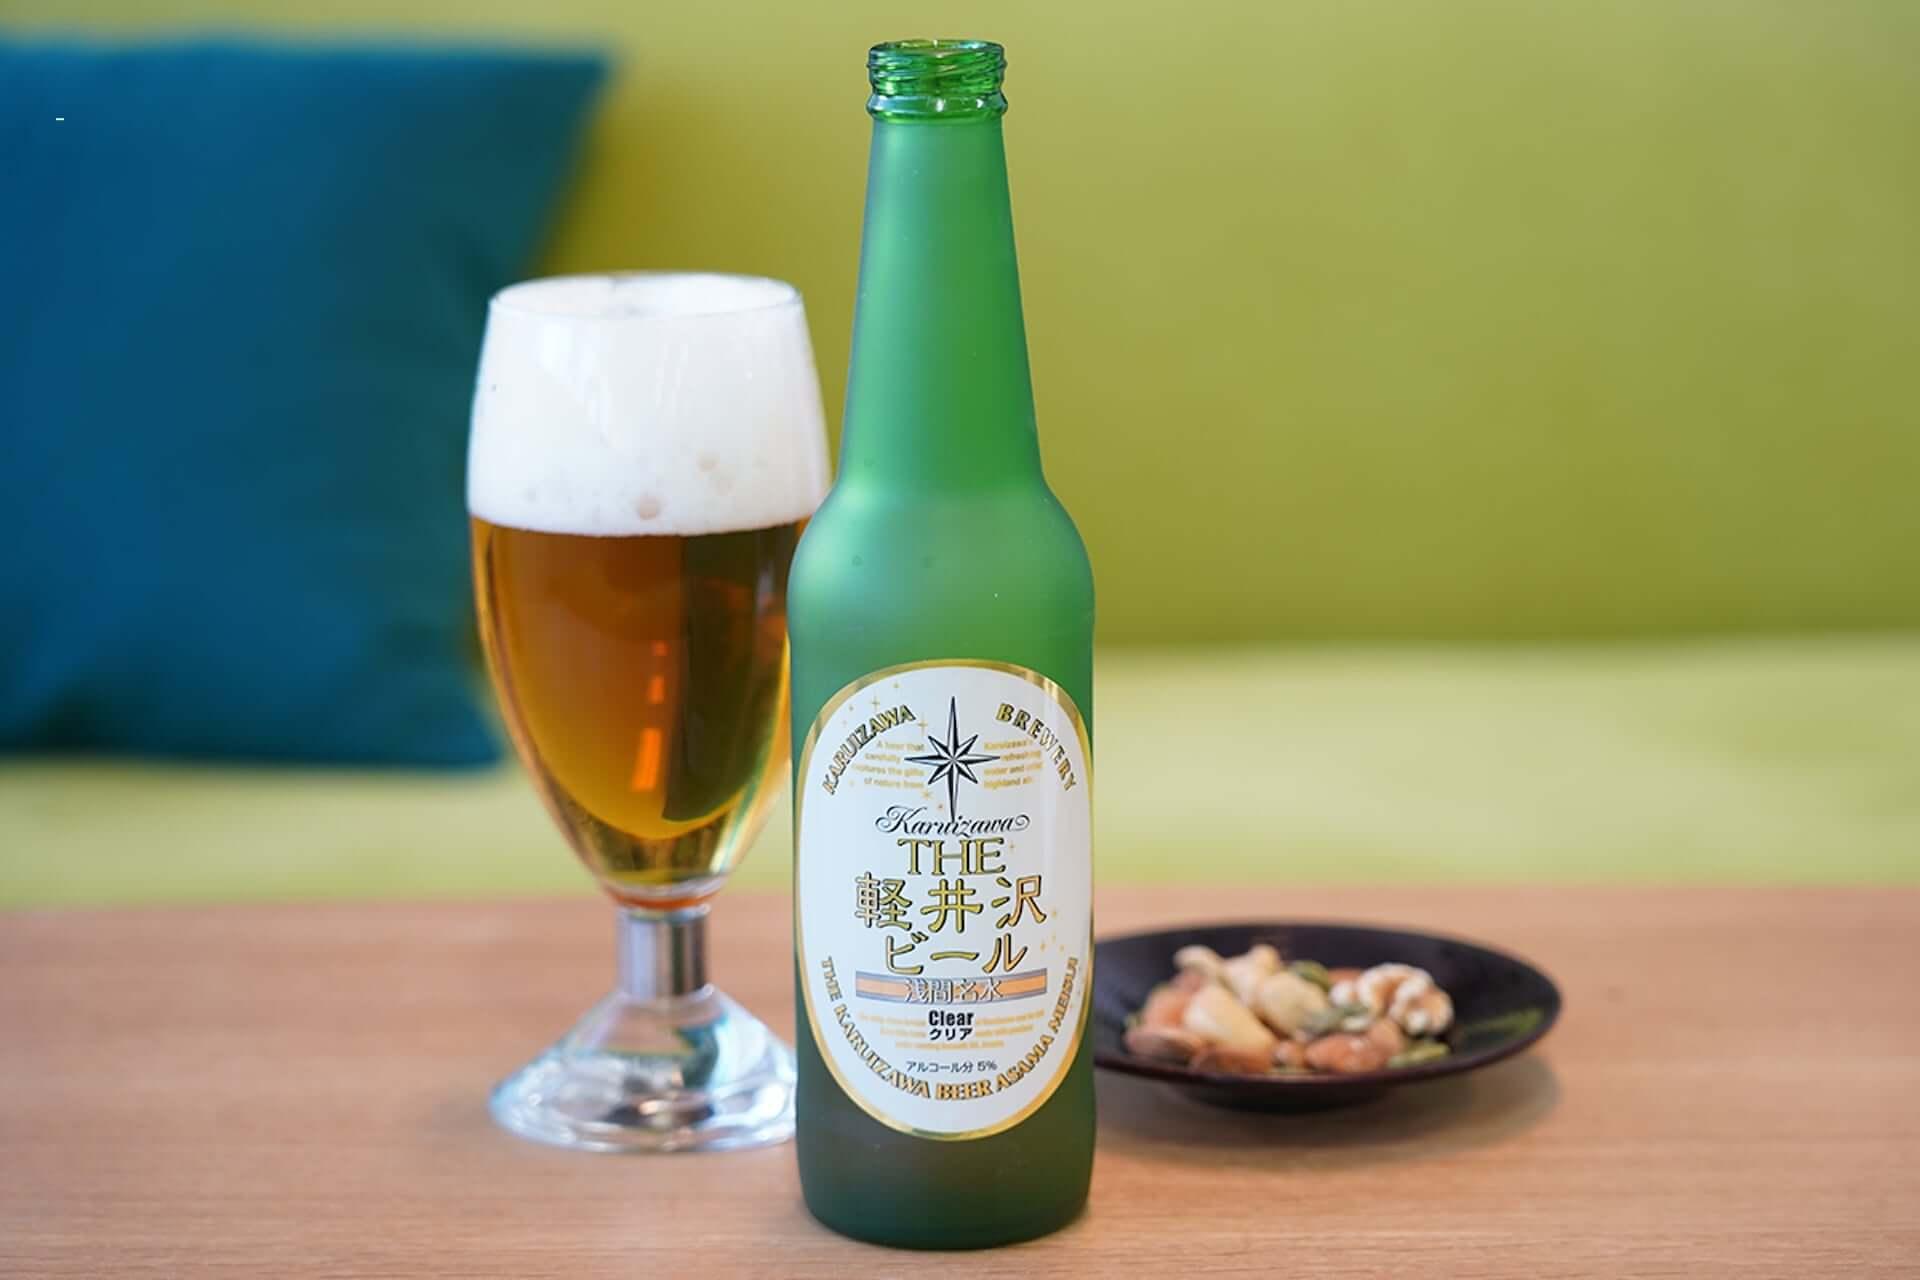 父の日限定の地ビール・クラフトビール8本飲み比べセットが登場!感謝のメッセージ付きギフトボックス gourmet200611_karuizawabeer_11-1920x1280